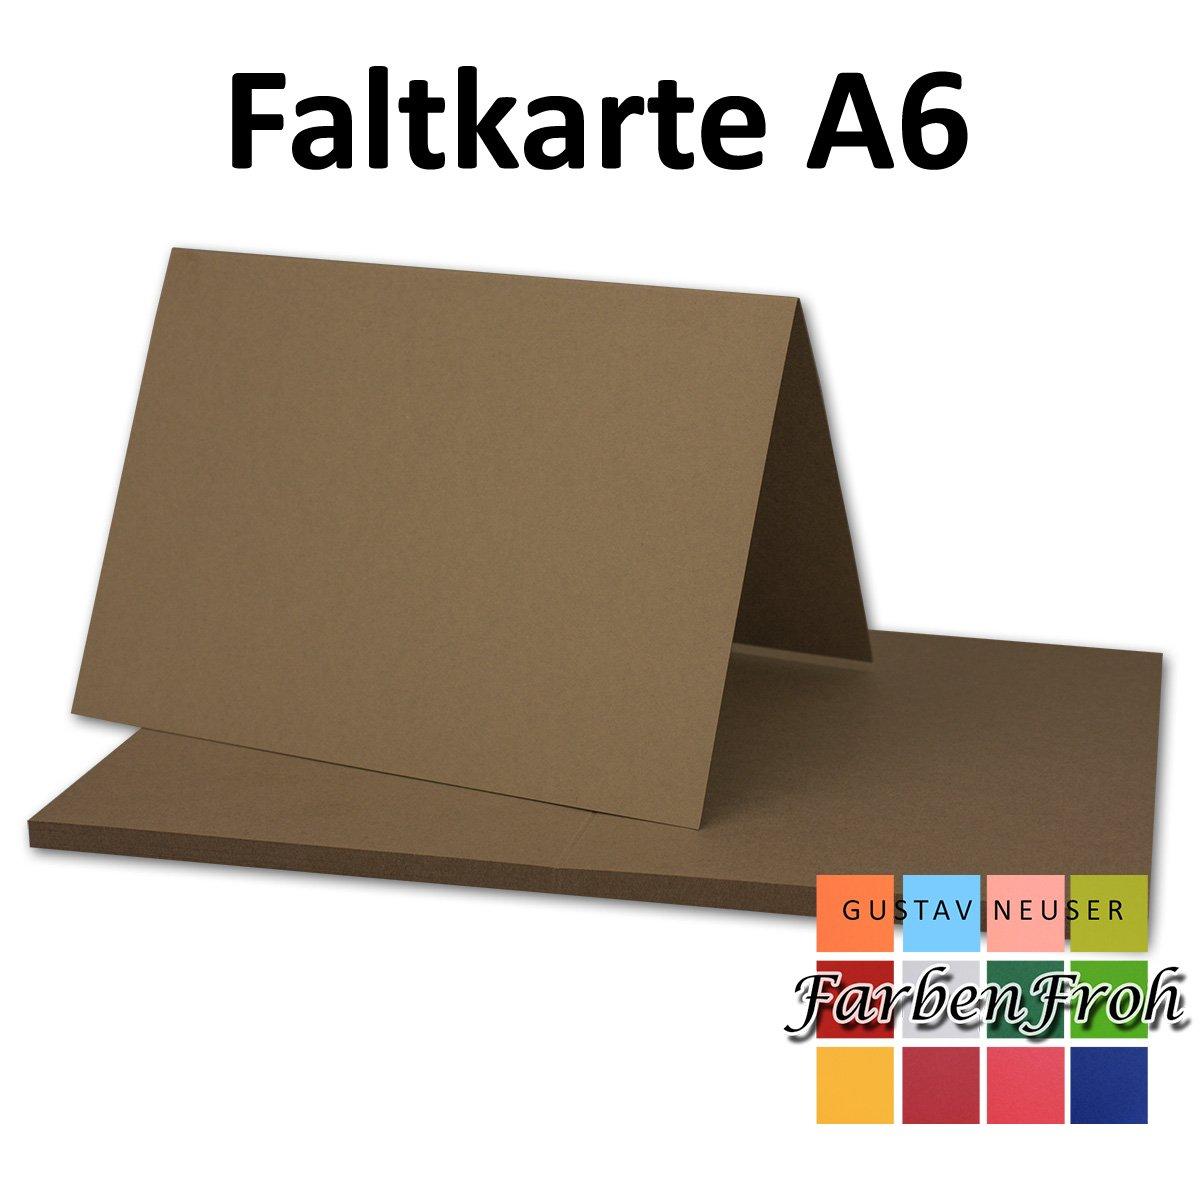 250x Falt-Karten DIN A6 Blanko Blanko Blanko Doppel-Karten in Hochweiß Kristallweiß -10,5 x 14,8 cm   Premium Qualität   FarbenFroh® B07KJ8Q1V5 | Lebensecht  8b70c3